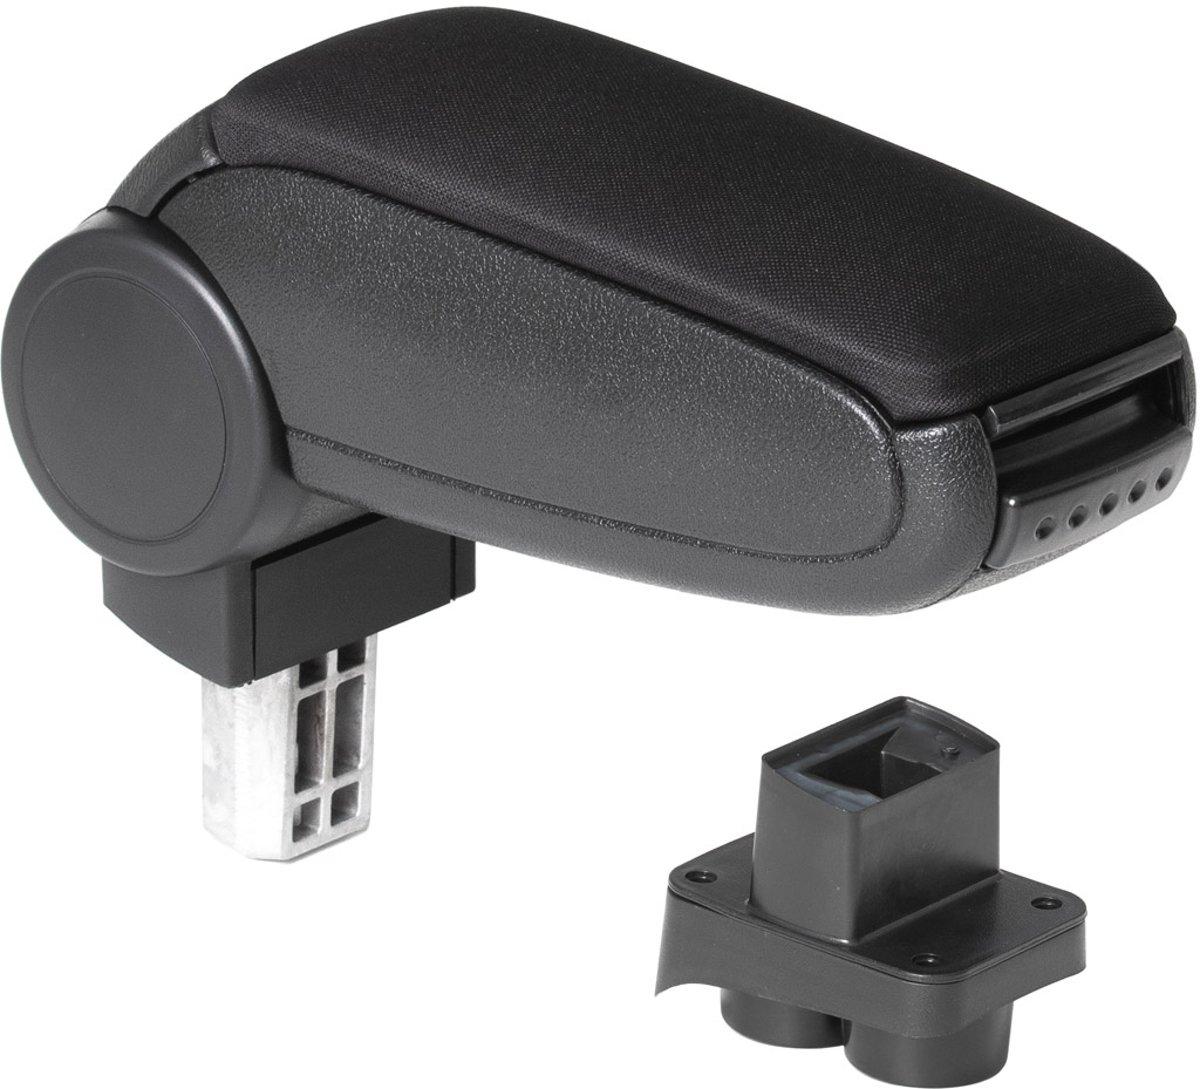 Armsteun zwart stof - geschikt voor VW Polo 9N/9N2/9N3 2001-2009 kopen